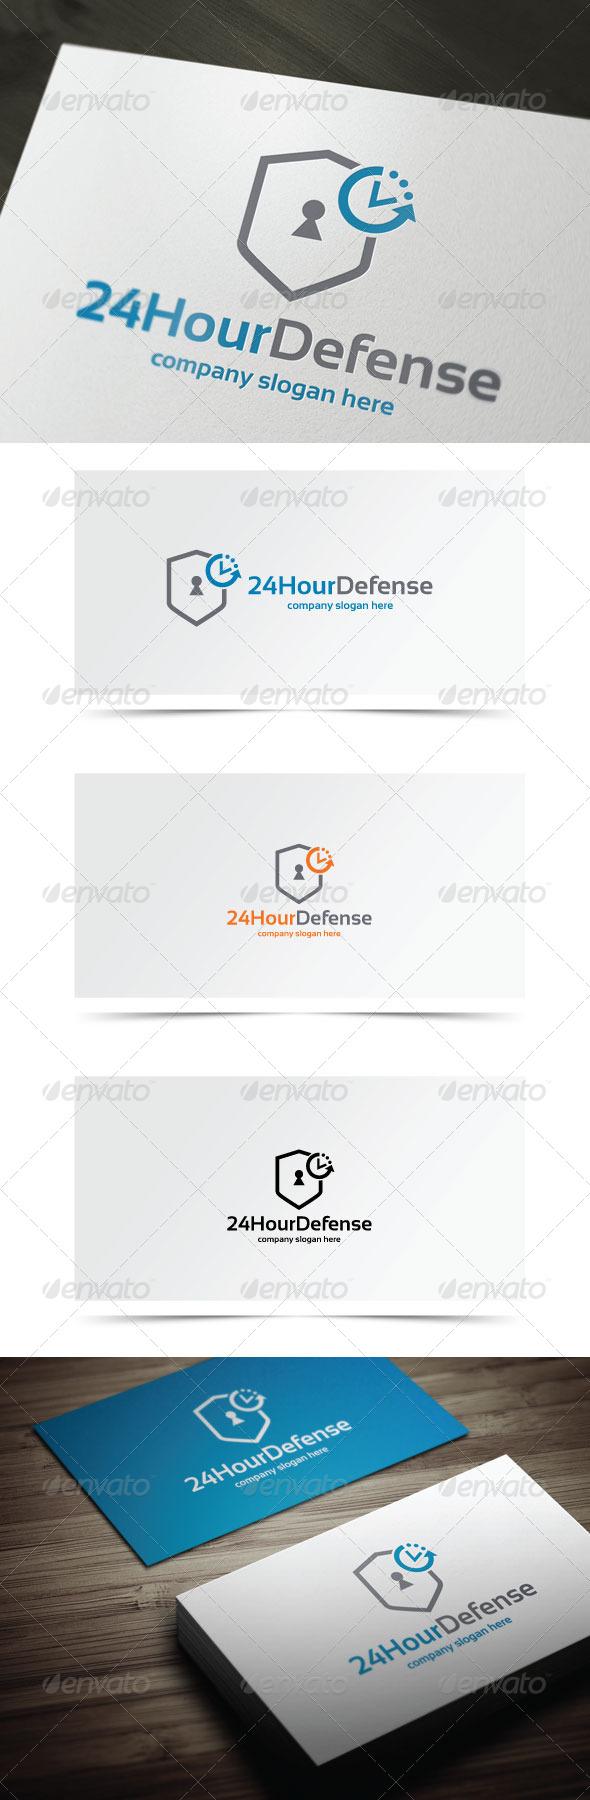 GraphicRiver 24 Hour Defense 7743379